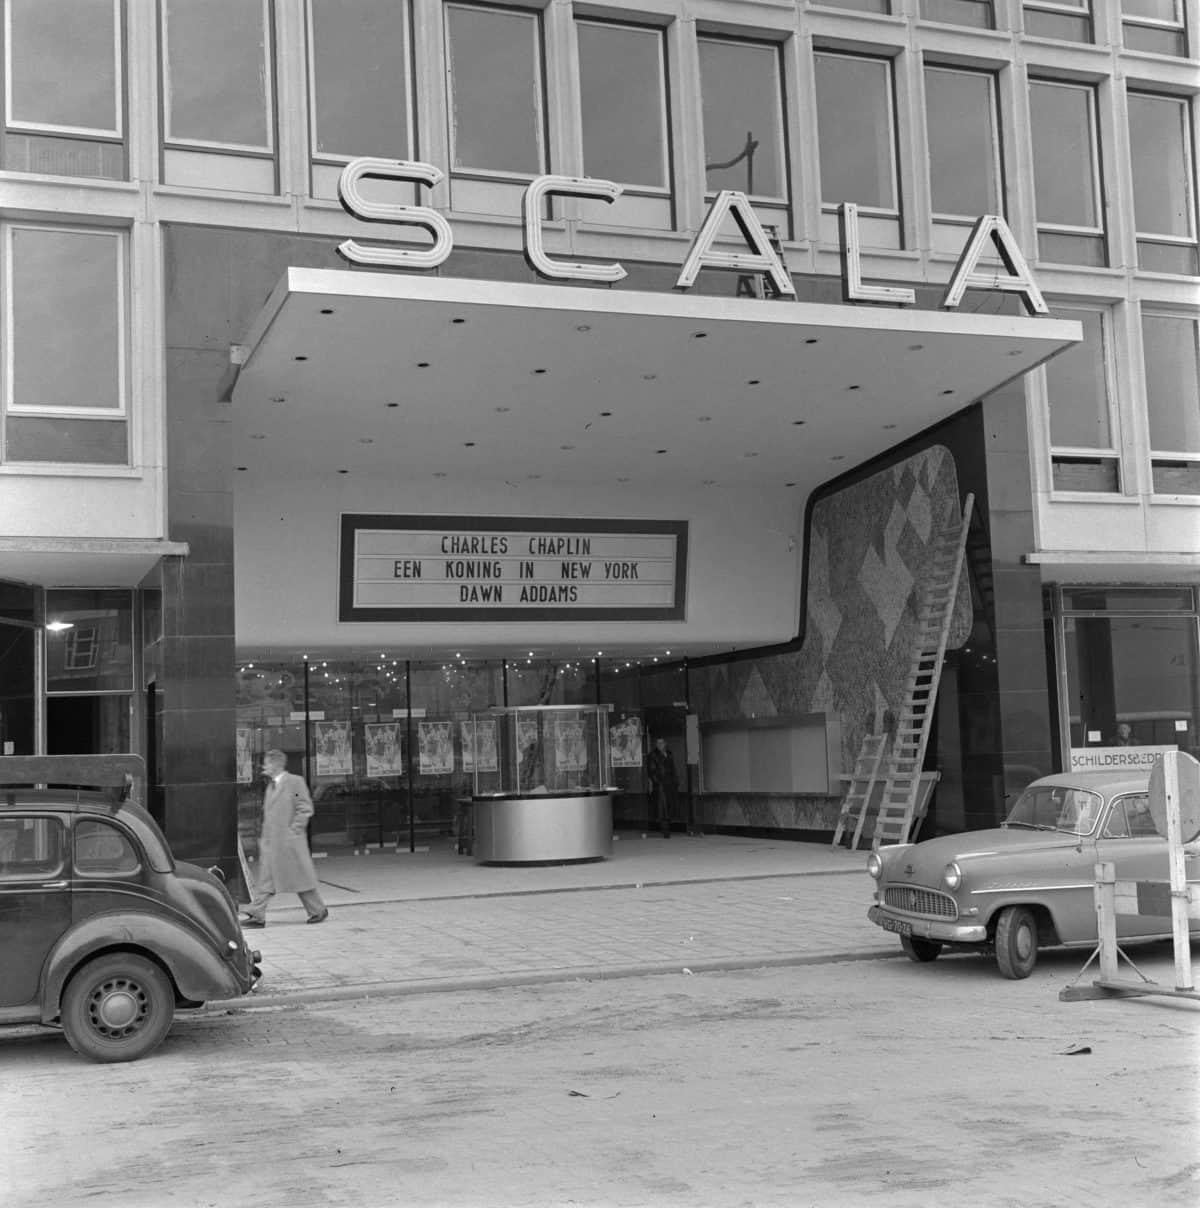 Scala-NL-Rt SA_4121_1091-1